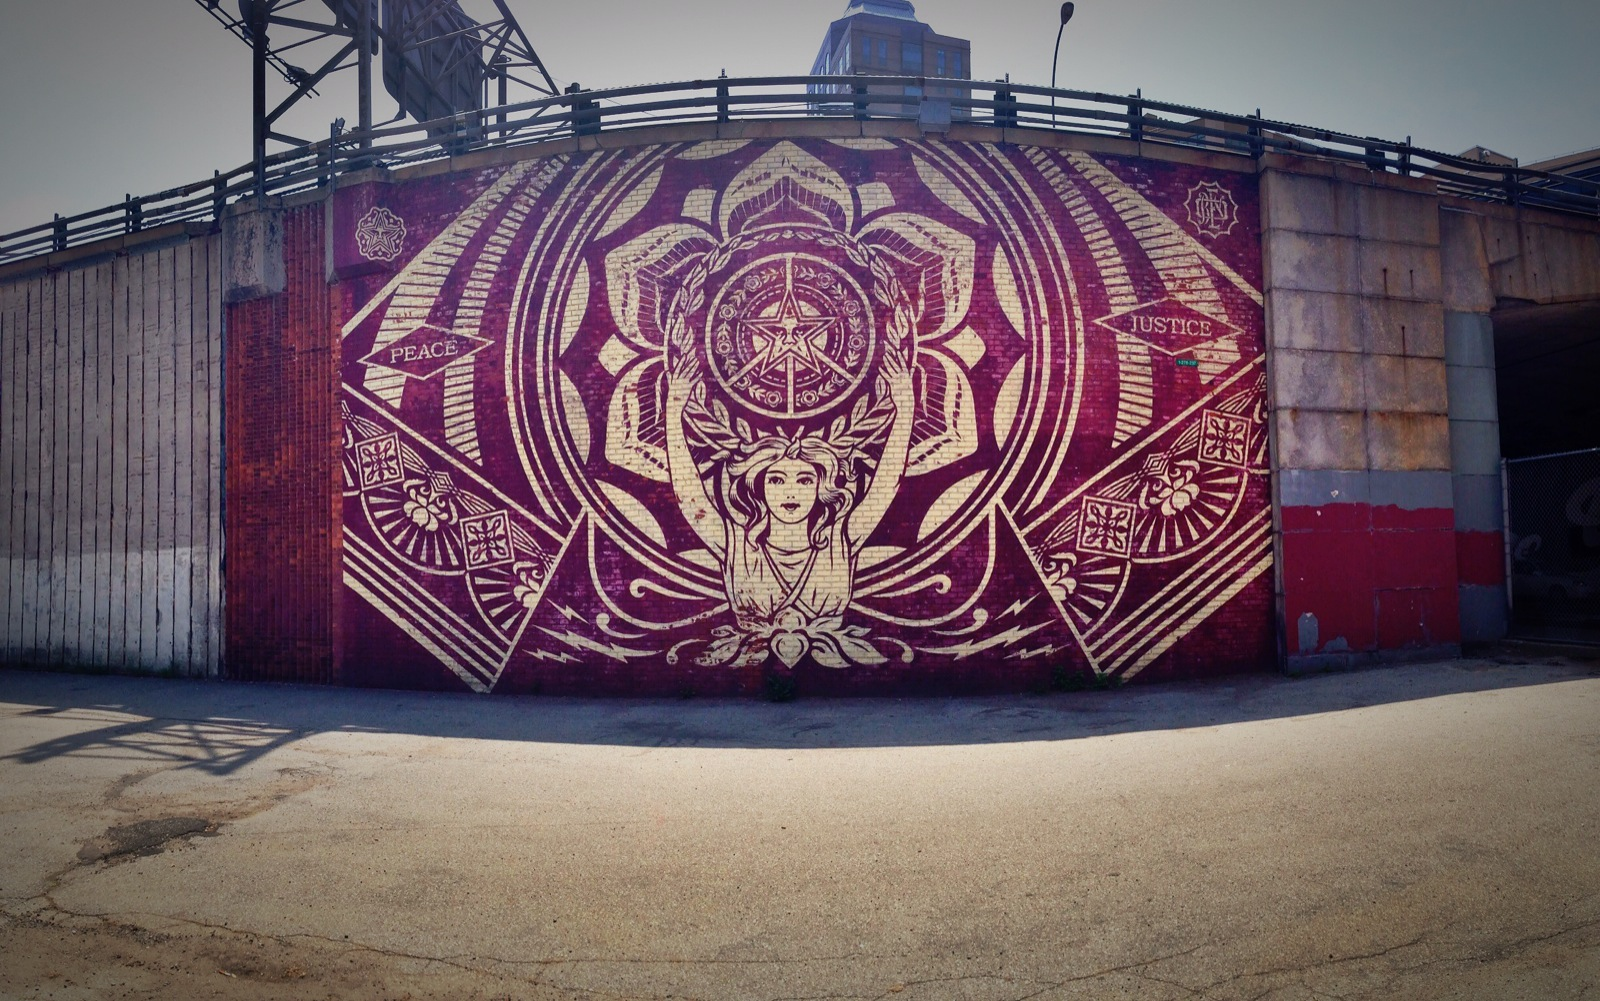 Obey Giant Graffiti (Brooklyn, NYC)